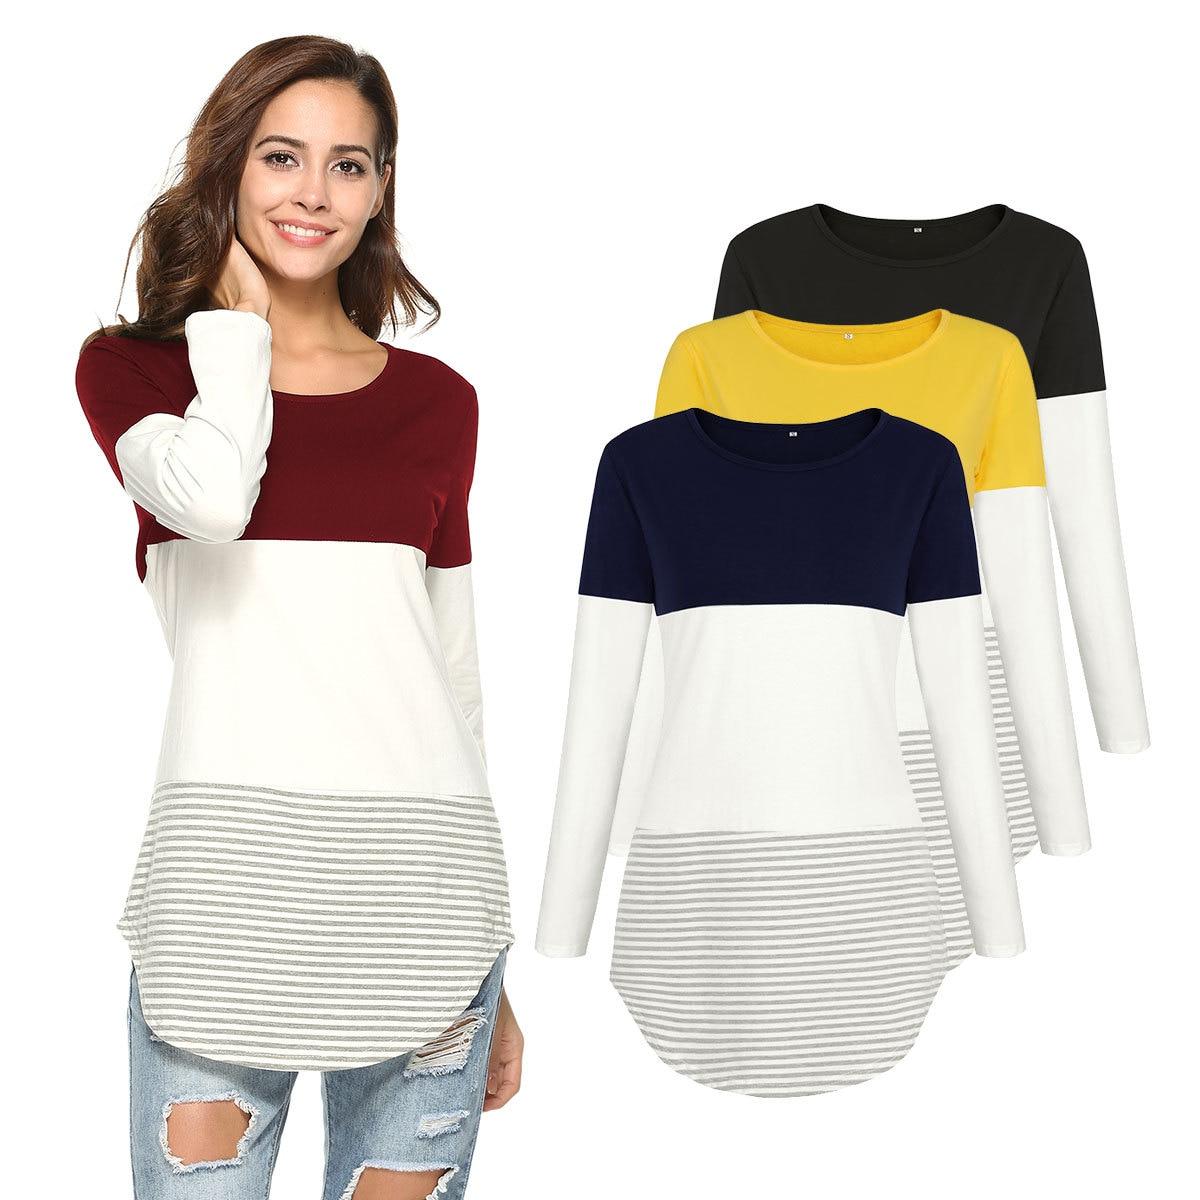 Nouveau été 2018 décontracté femmes T-shirts à manches courtes Patchwork bande imprimé chemise lâche grande taille femmes vêtements irréguliers hauts